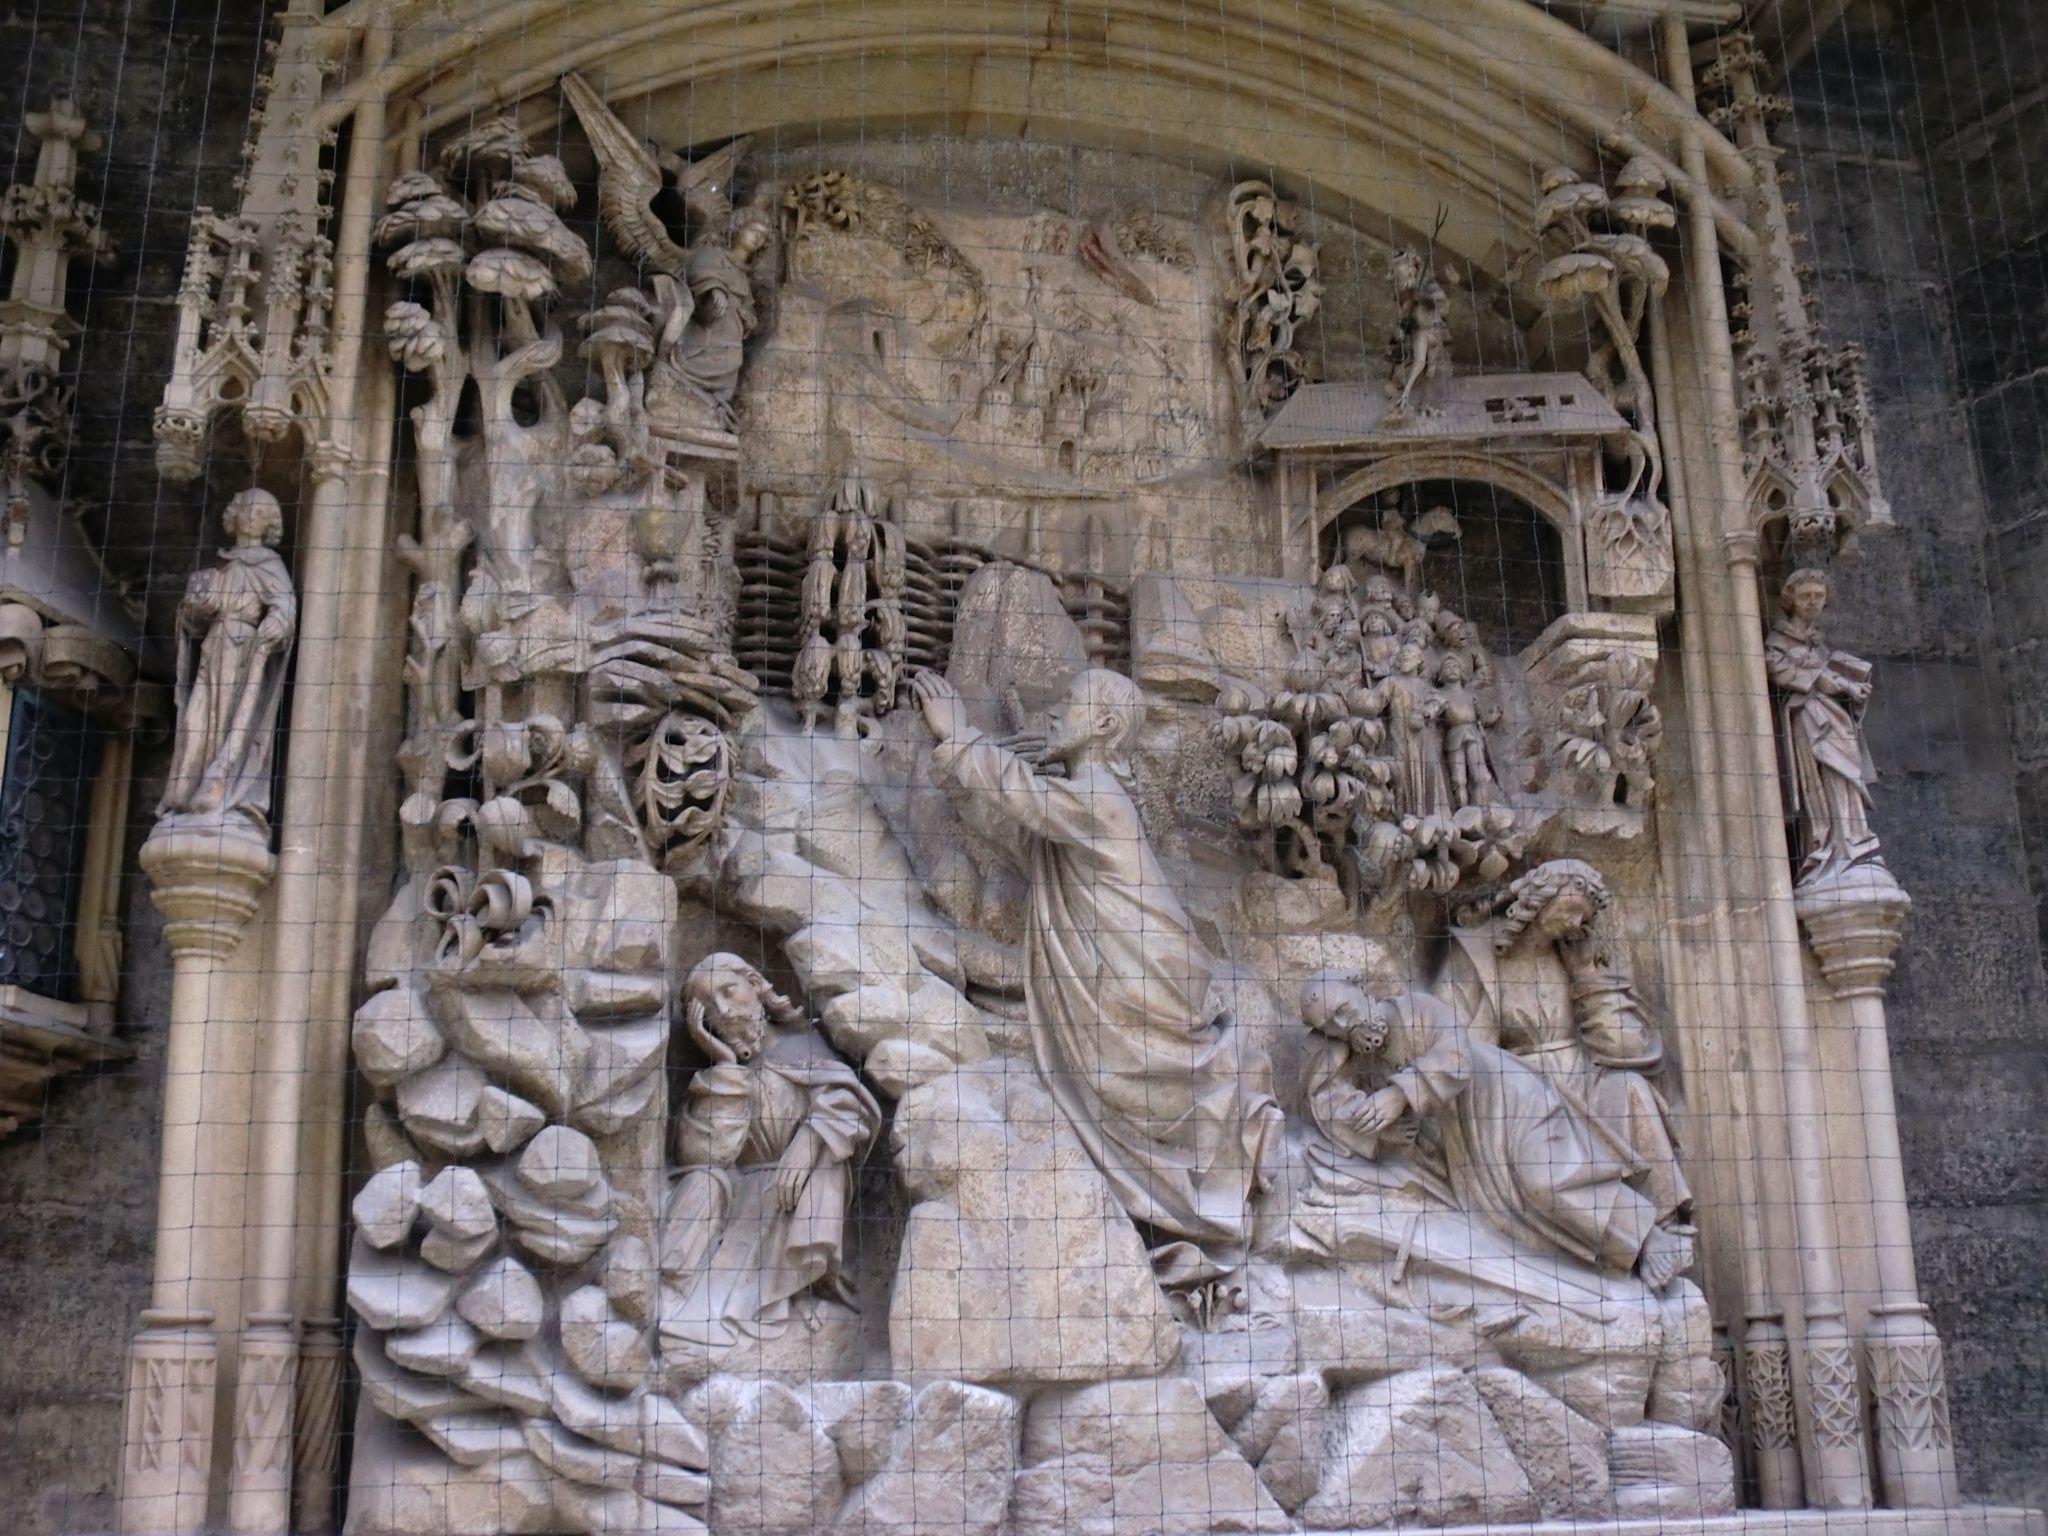 Vienna cathedral 35 1440x1080 - Vienna: elegant beauty